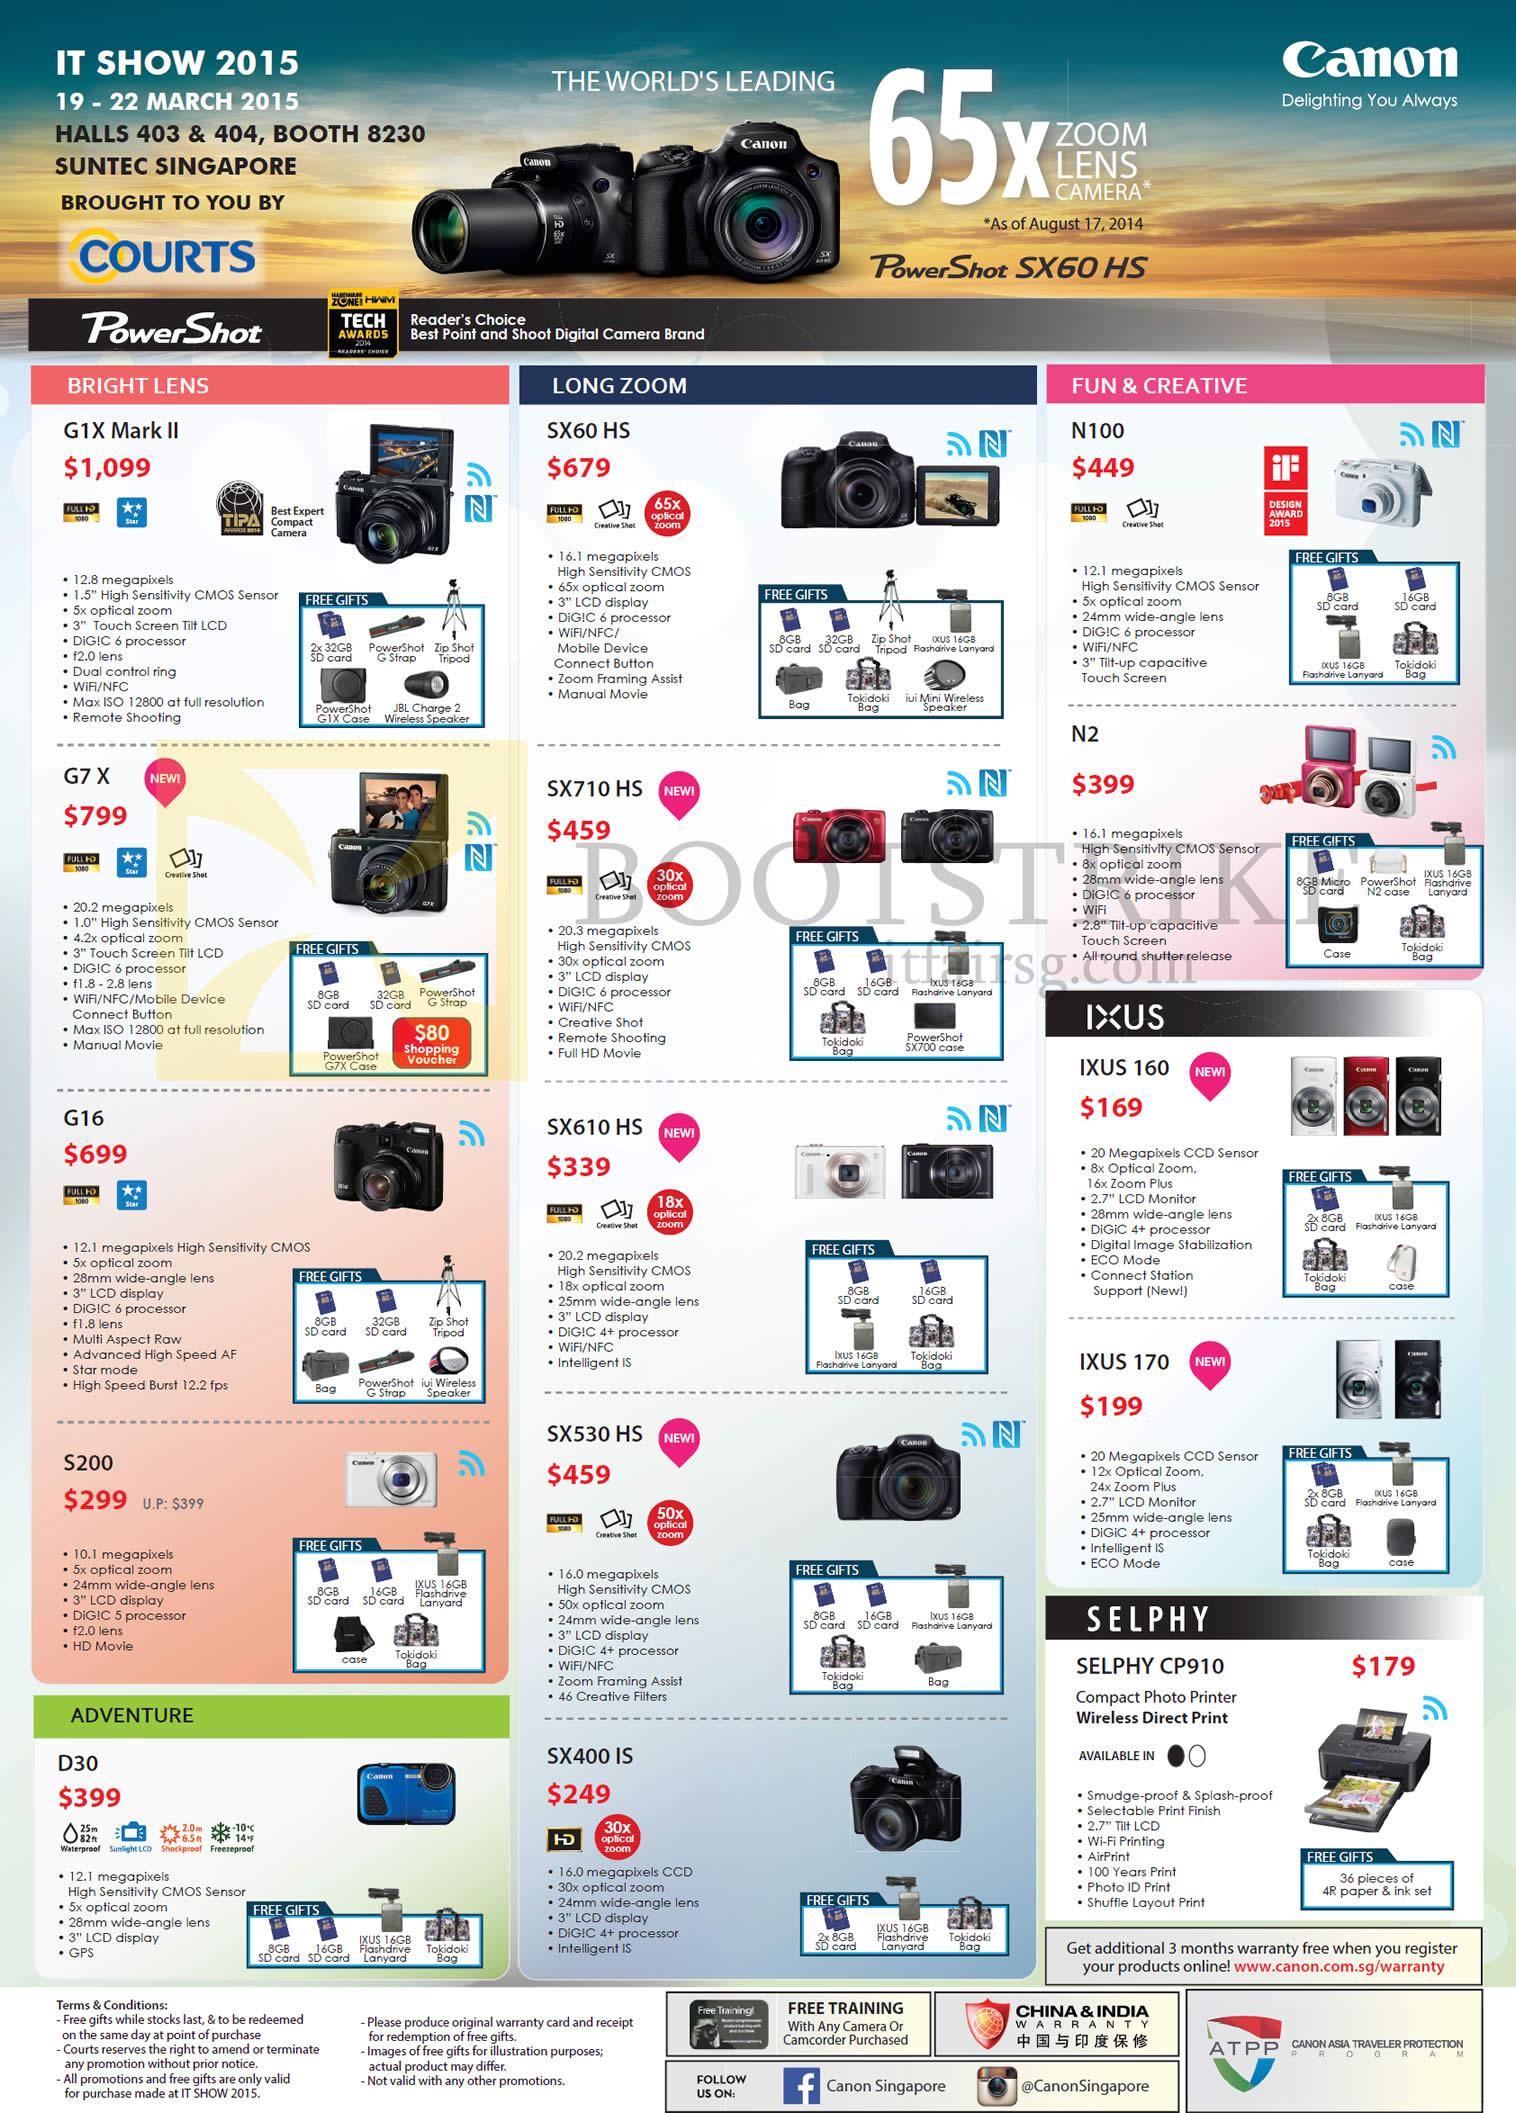 Canon Digital Cameras, PowerShot N100, SX60 HS, G1X Mark II, G7 X, SX710 HS, N2, IXUS 160, SX610 HS, G16, S200, SX530 HS, IXUS 170, SELPHY CP910, SX400 IS, D30